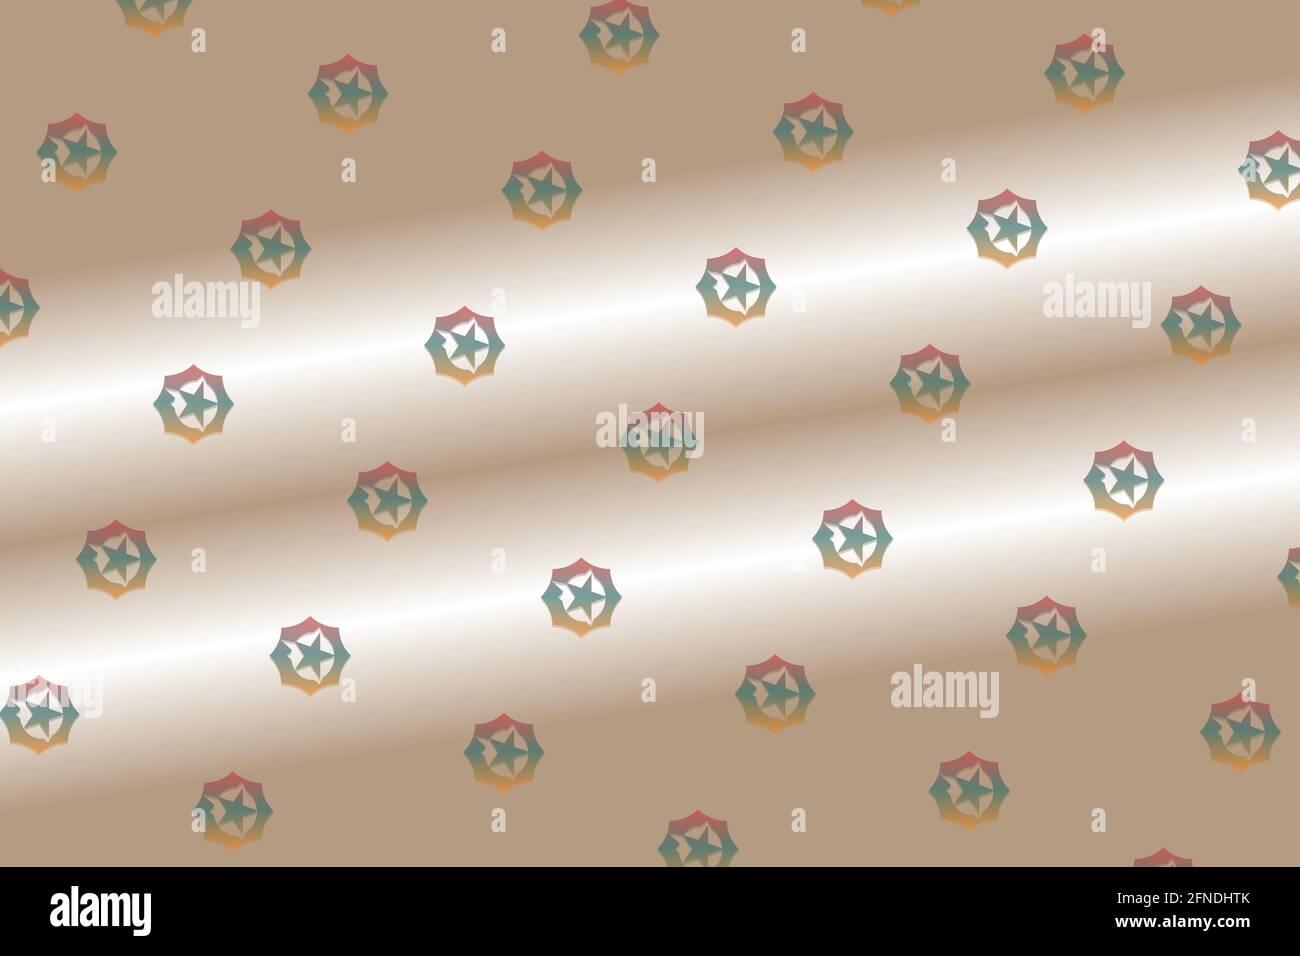 Estrella hexagonal flotando sobre la arena digital dorada- Fondo digital patrón Foto de stock